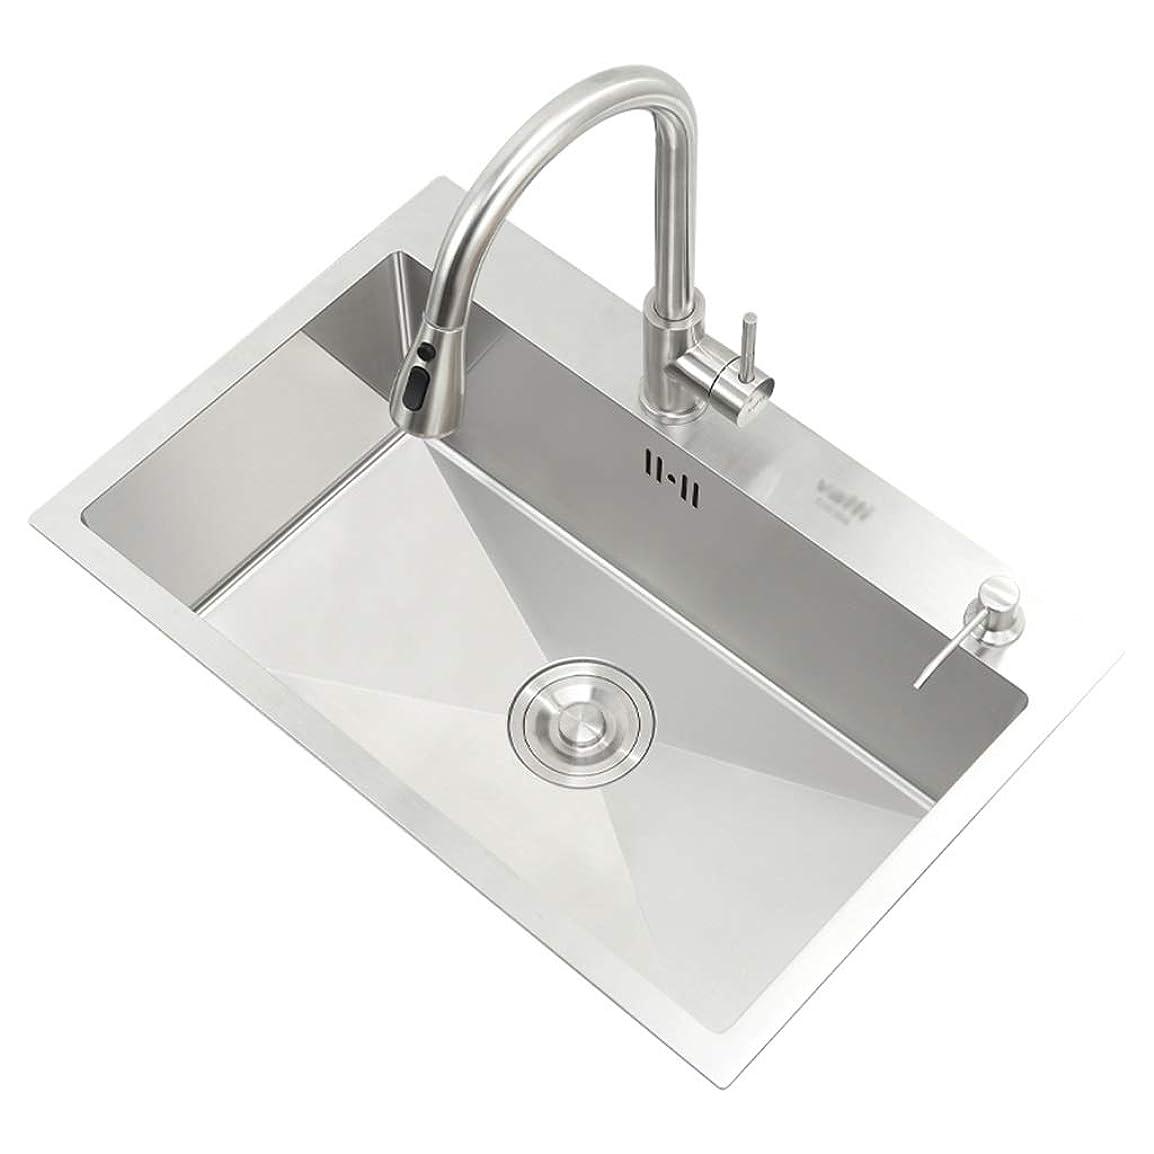 どのくらいの頻度でシェーバー風味キッチンシンク 台所の流しリバーシブルの台所の流し浴室の流しの流し野菜およびフルーツのクリーニングプール (Color : Silver, Size : 55*45*20cm)